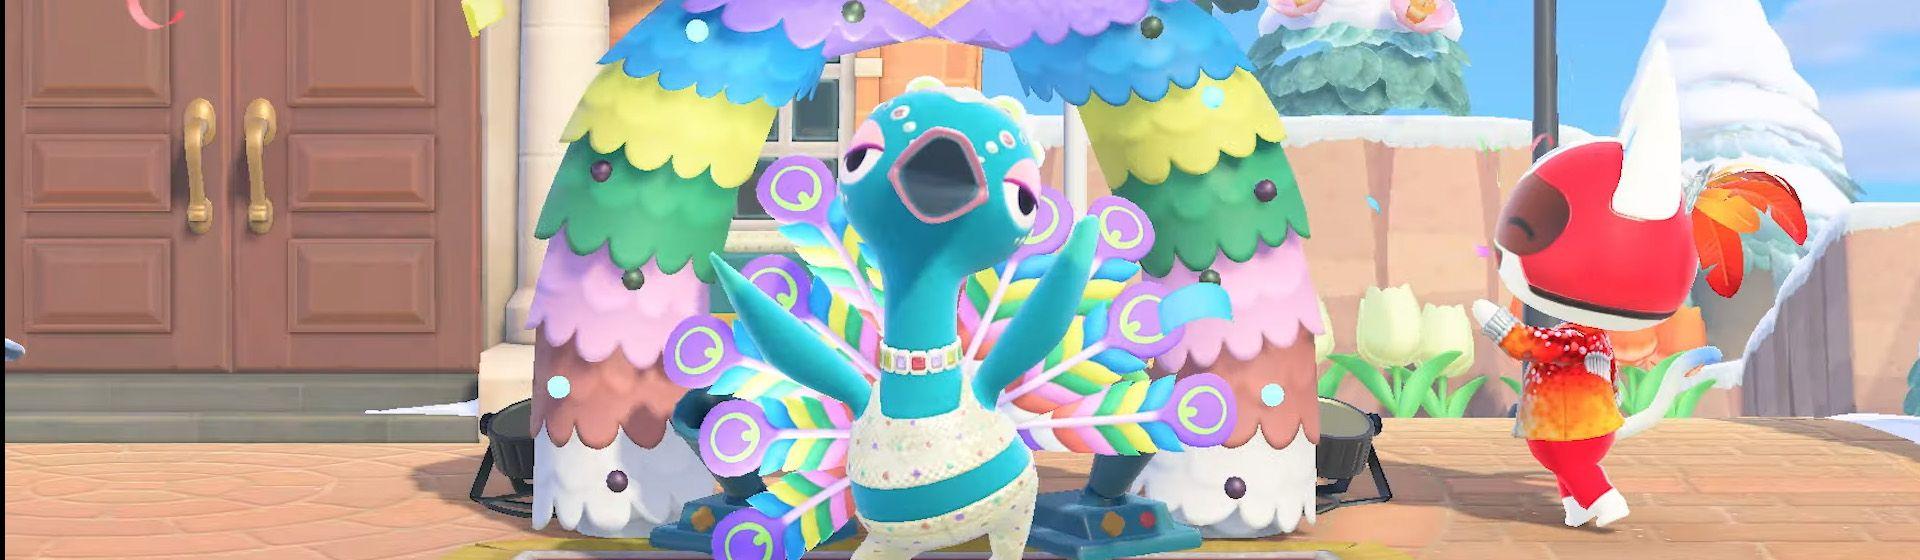 Animal Crossing: New Horizons recebe atualização temática de carnaval